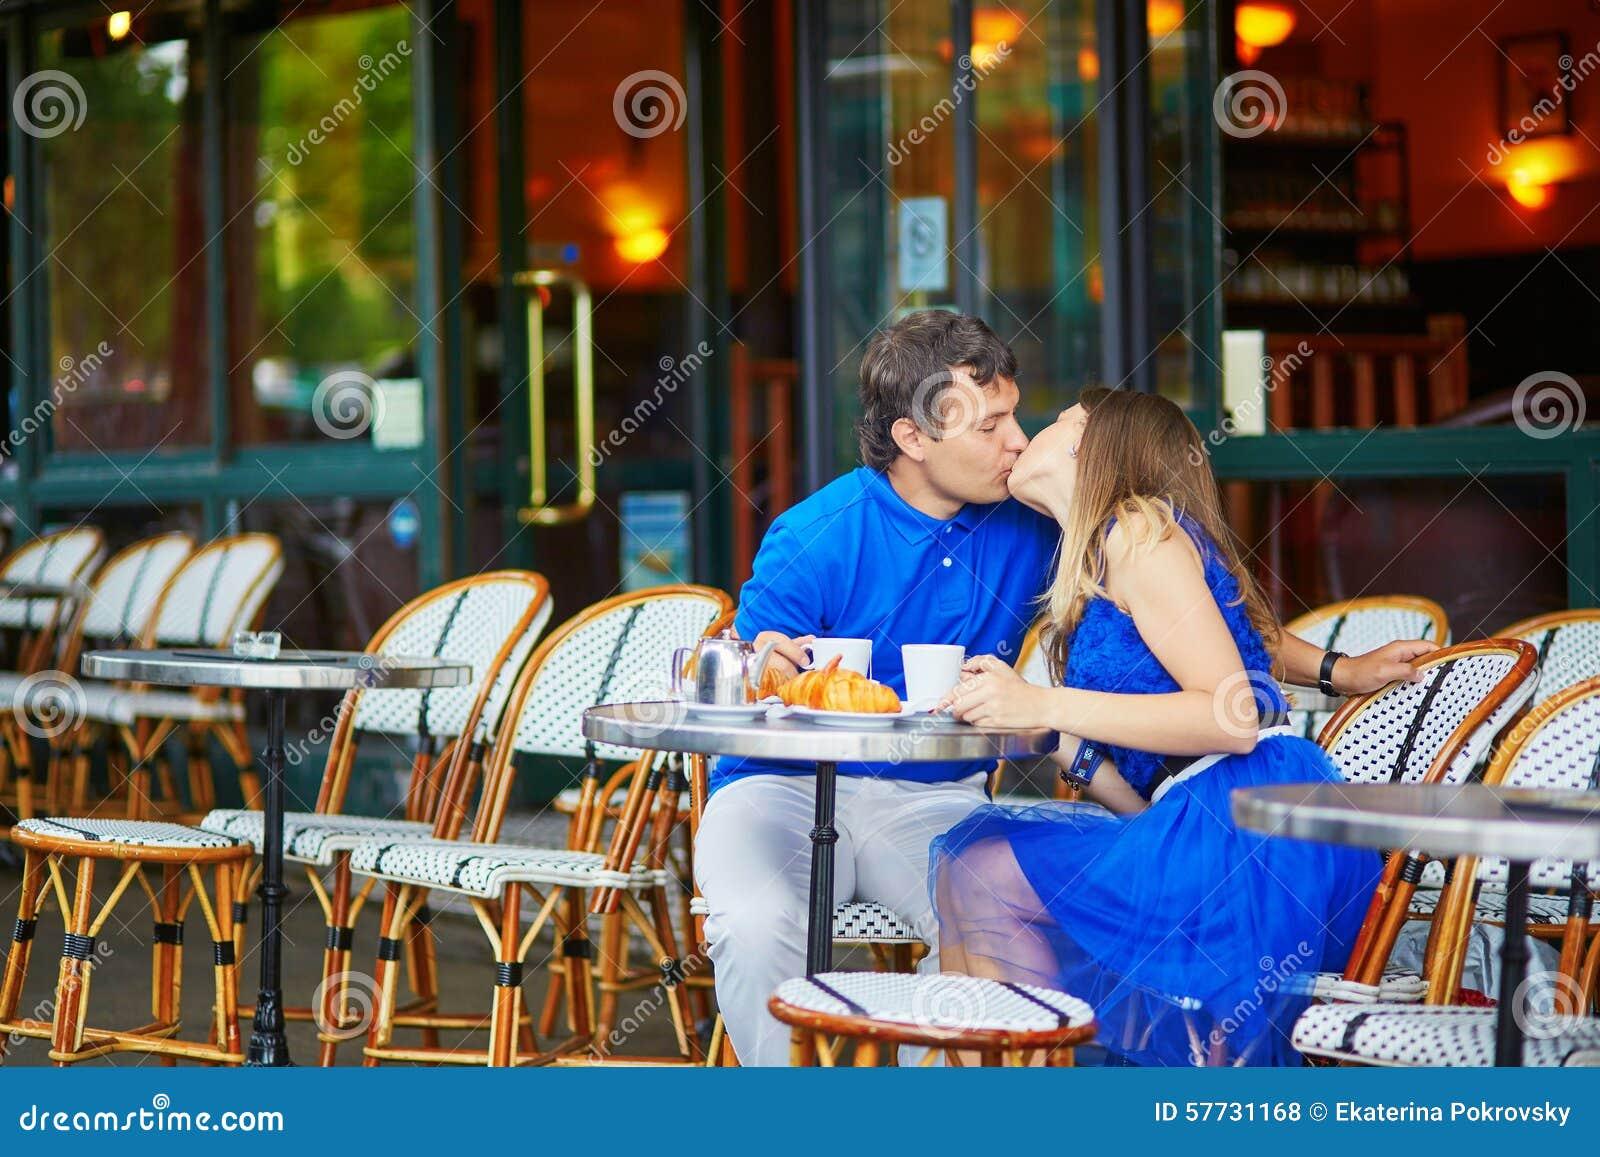 Parisian dating sites